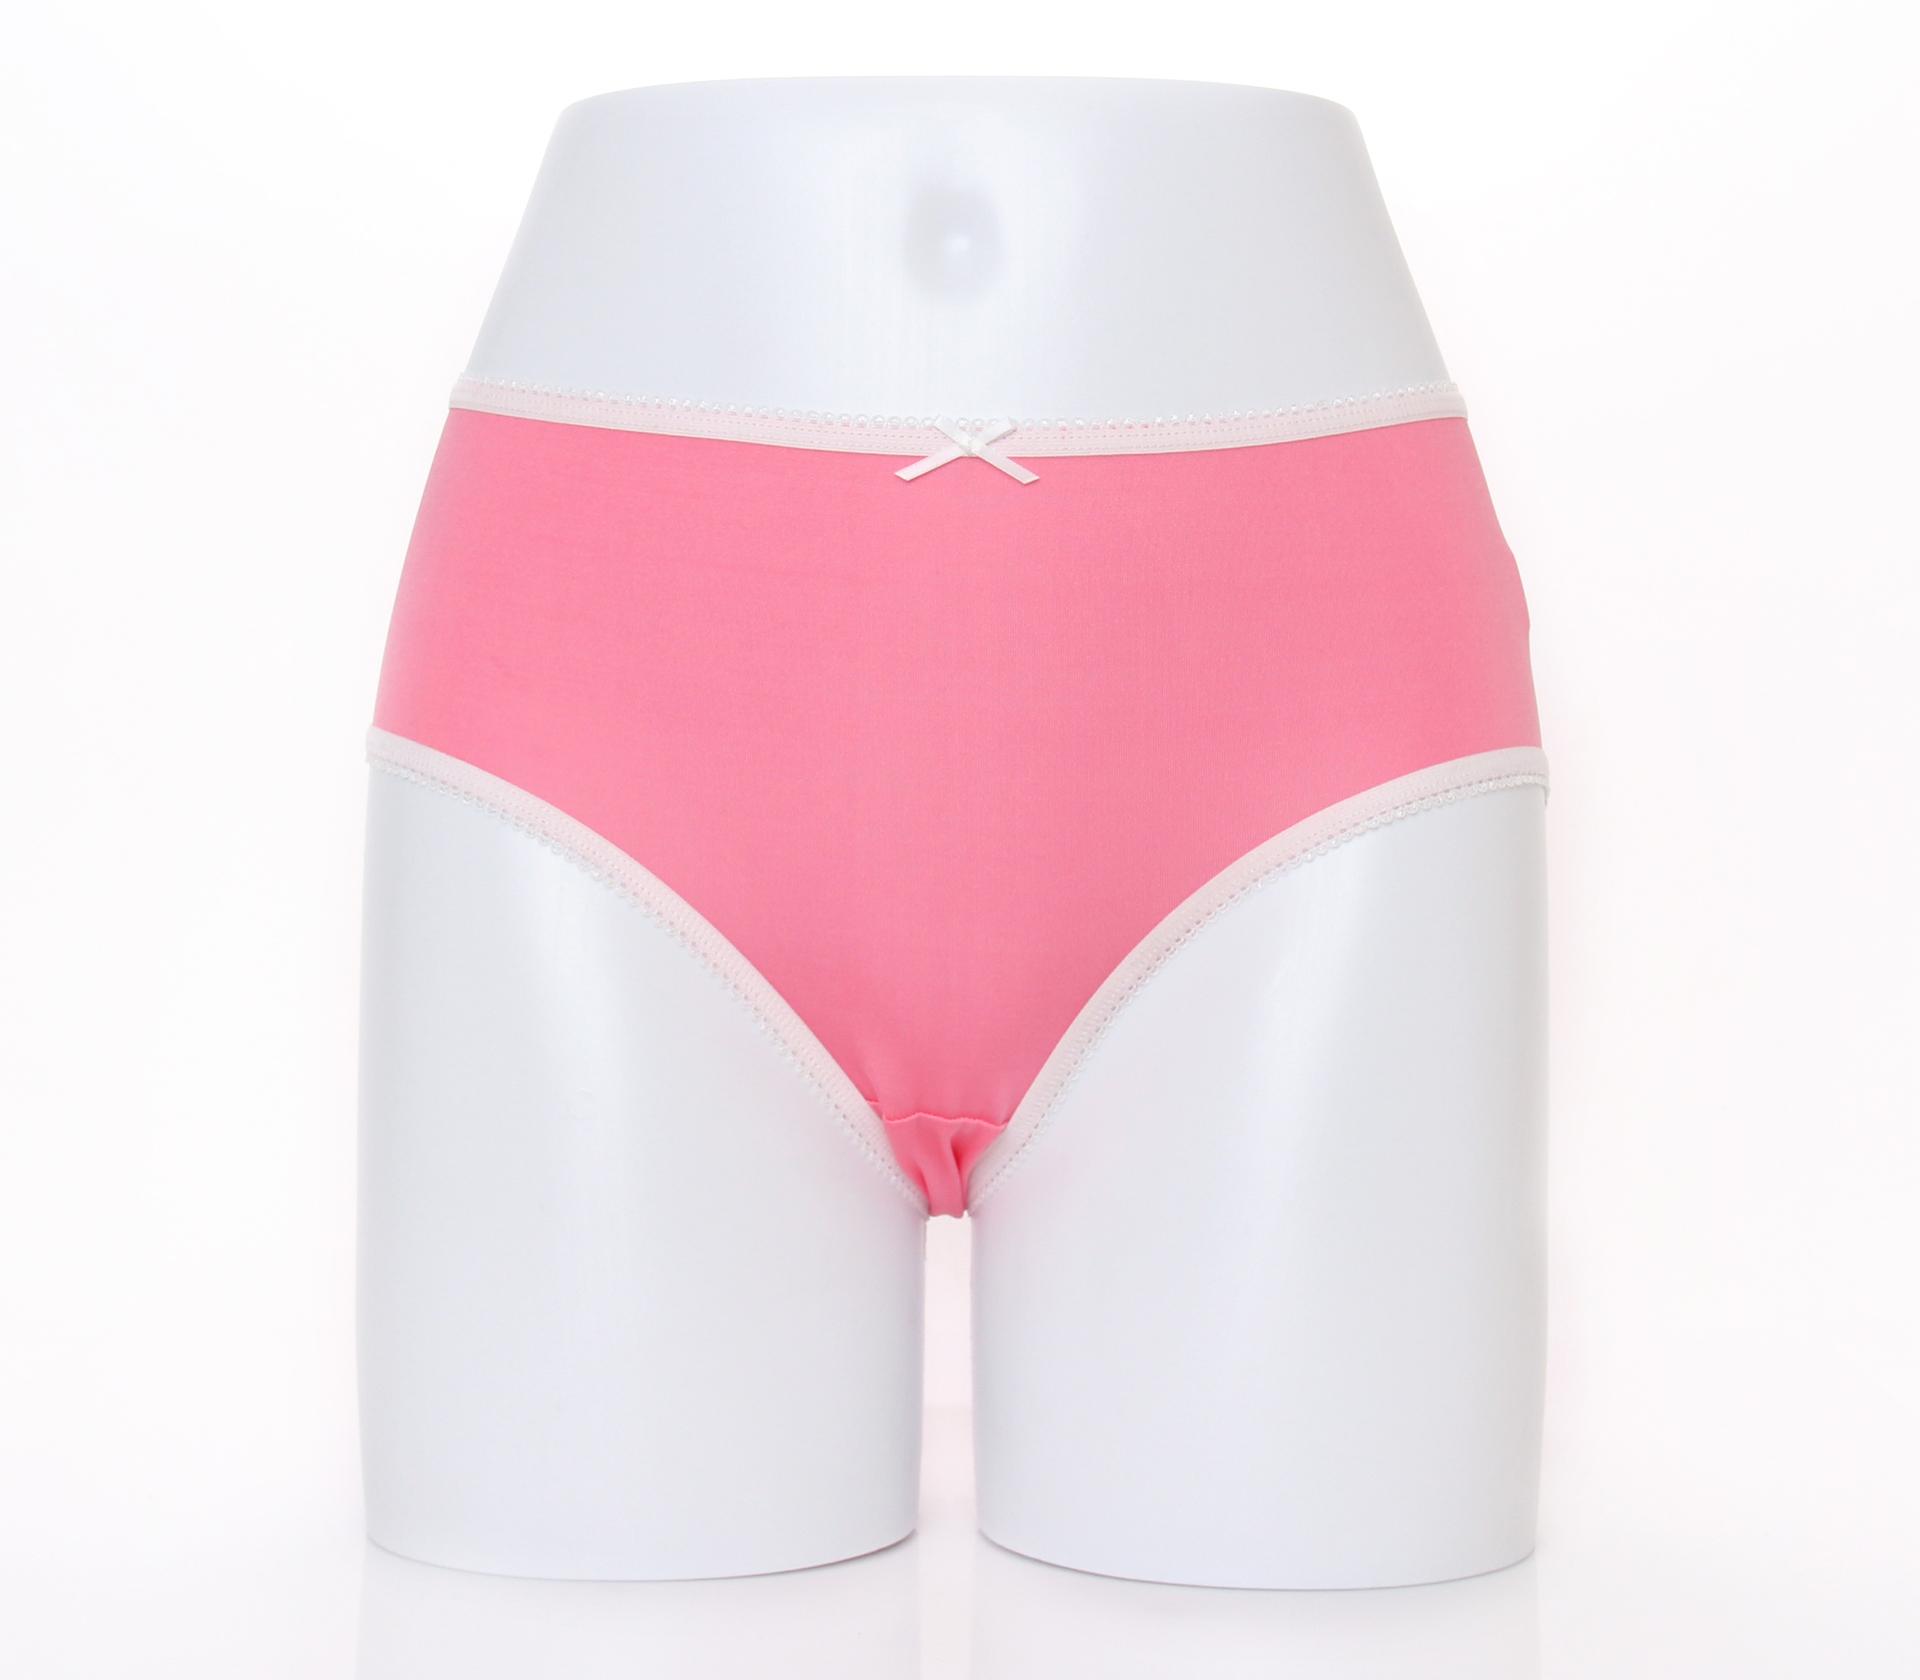 闕蘭絹清新甜美100%蠶絲內褲-2211(粉)